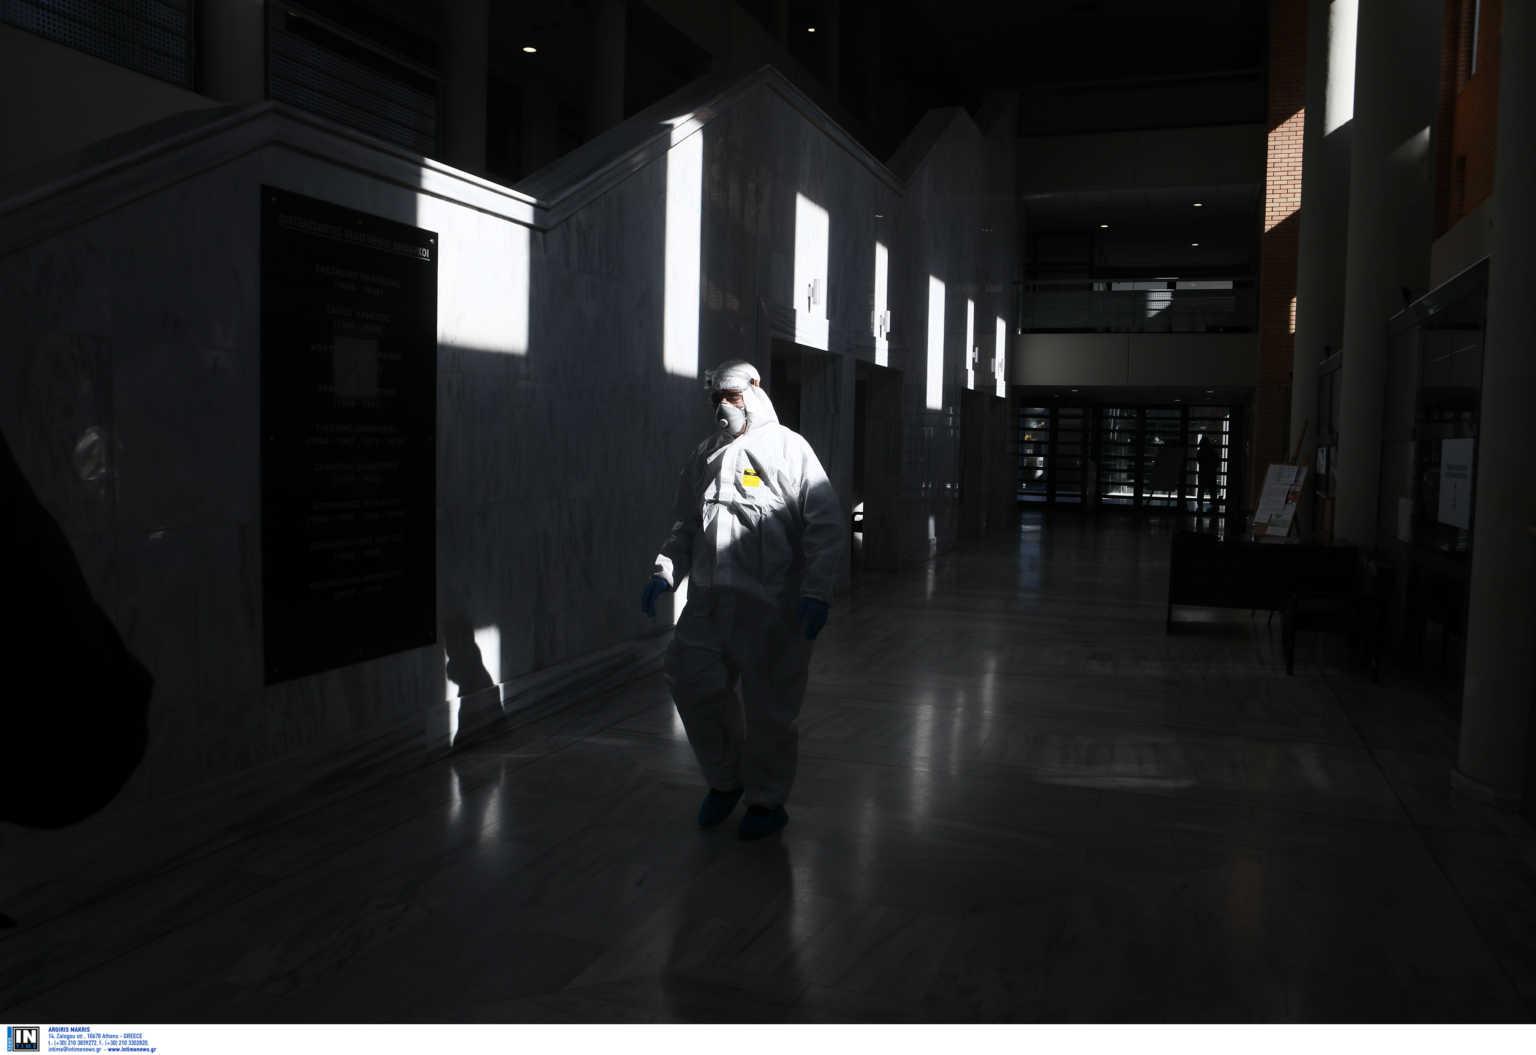 31 νέα κρούσματα κορονοϊού στη χώρα μας – 418 τα συνολικά